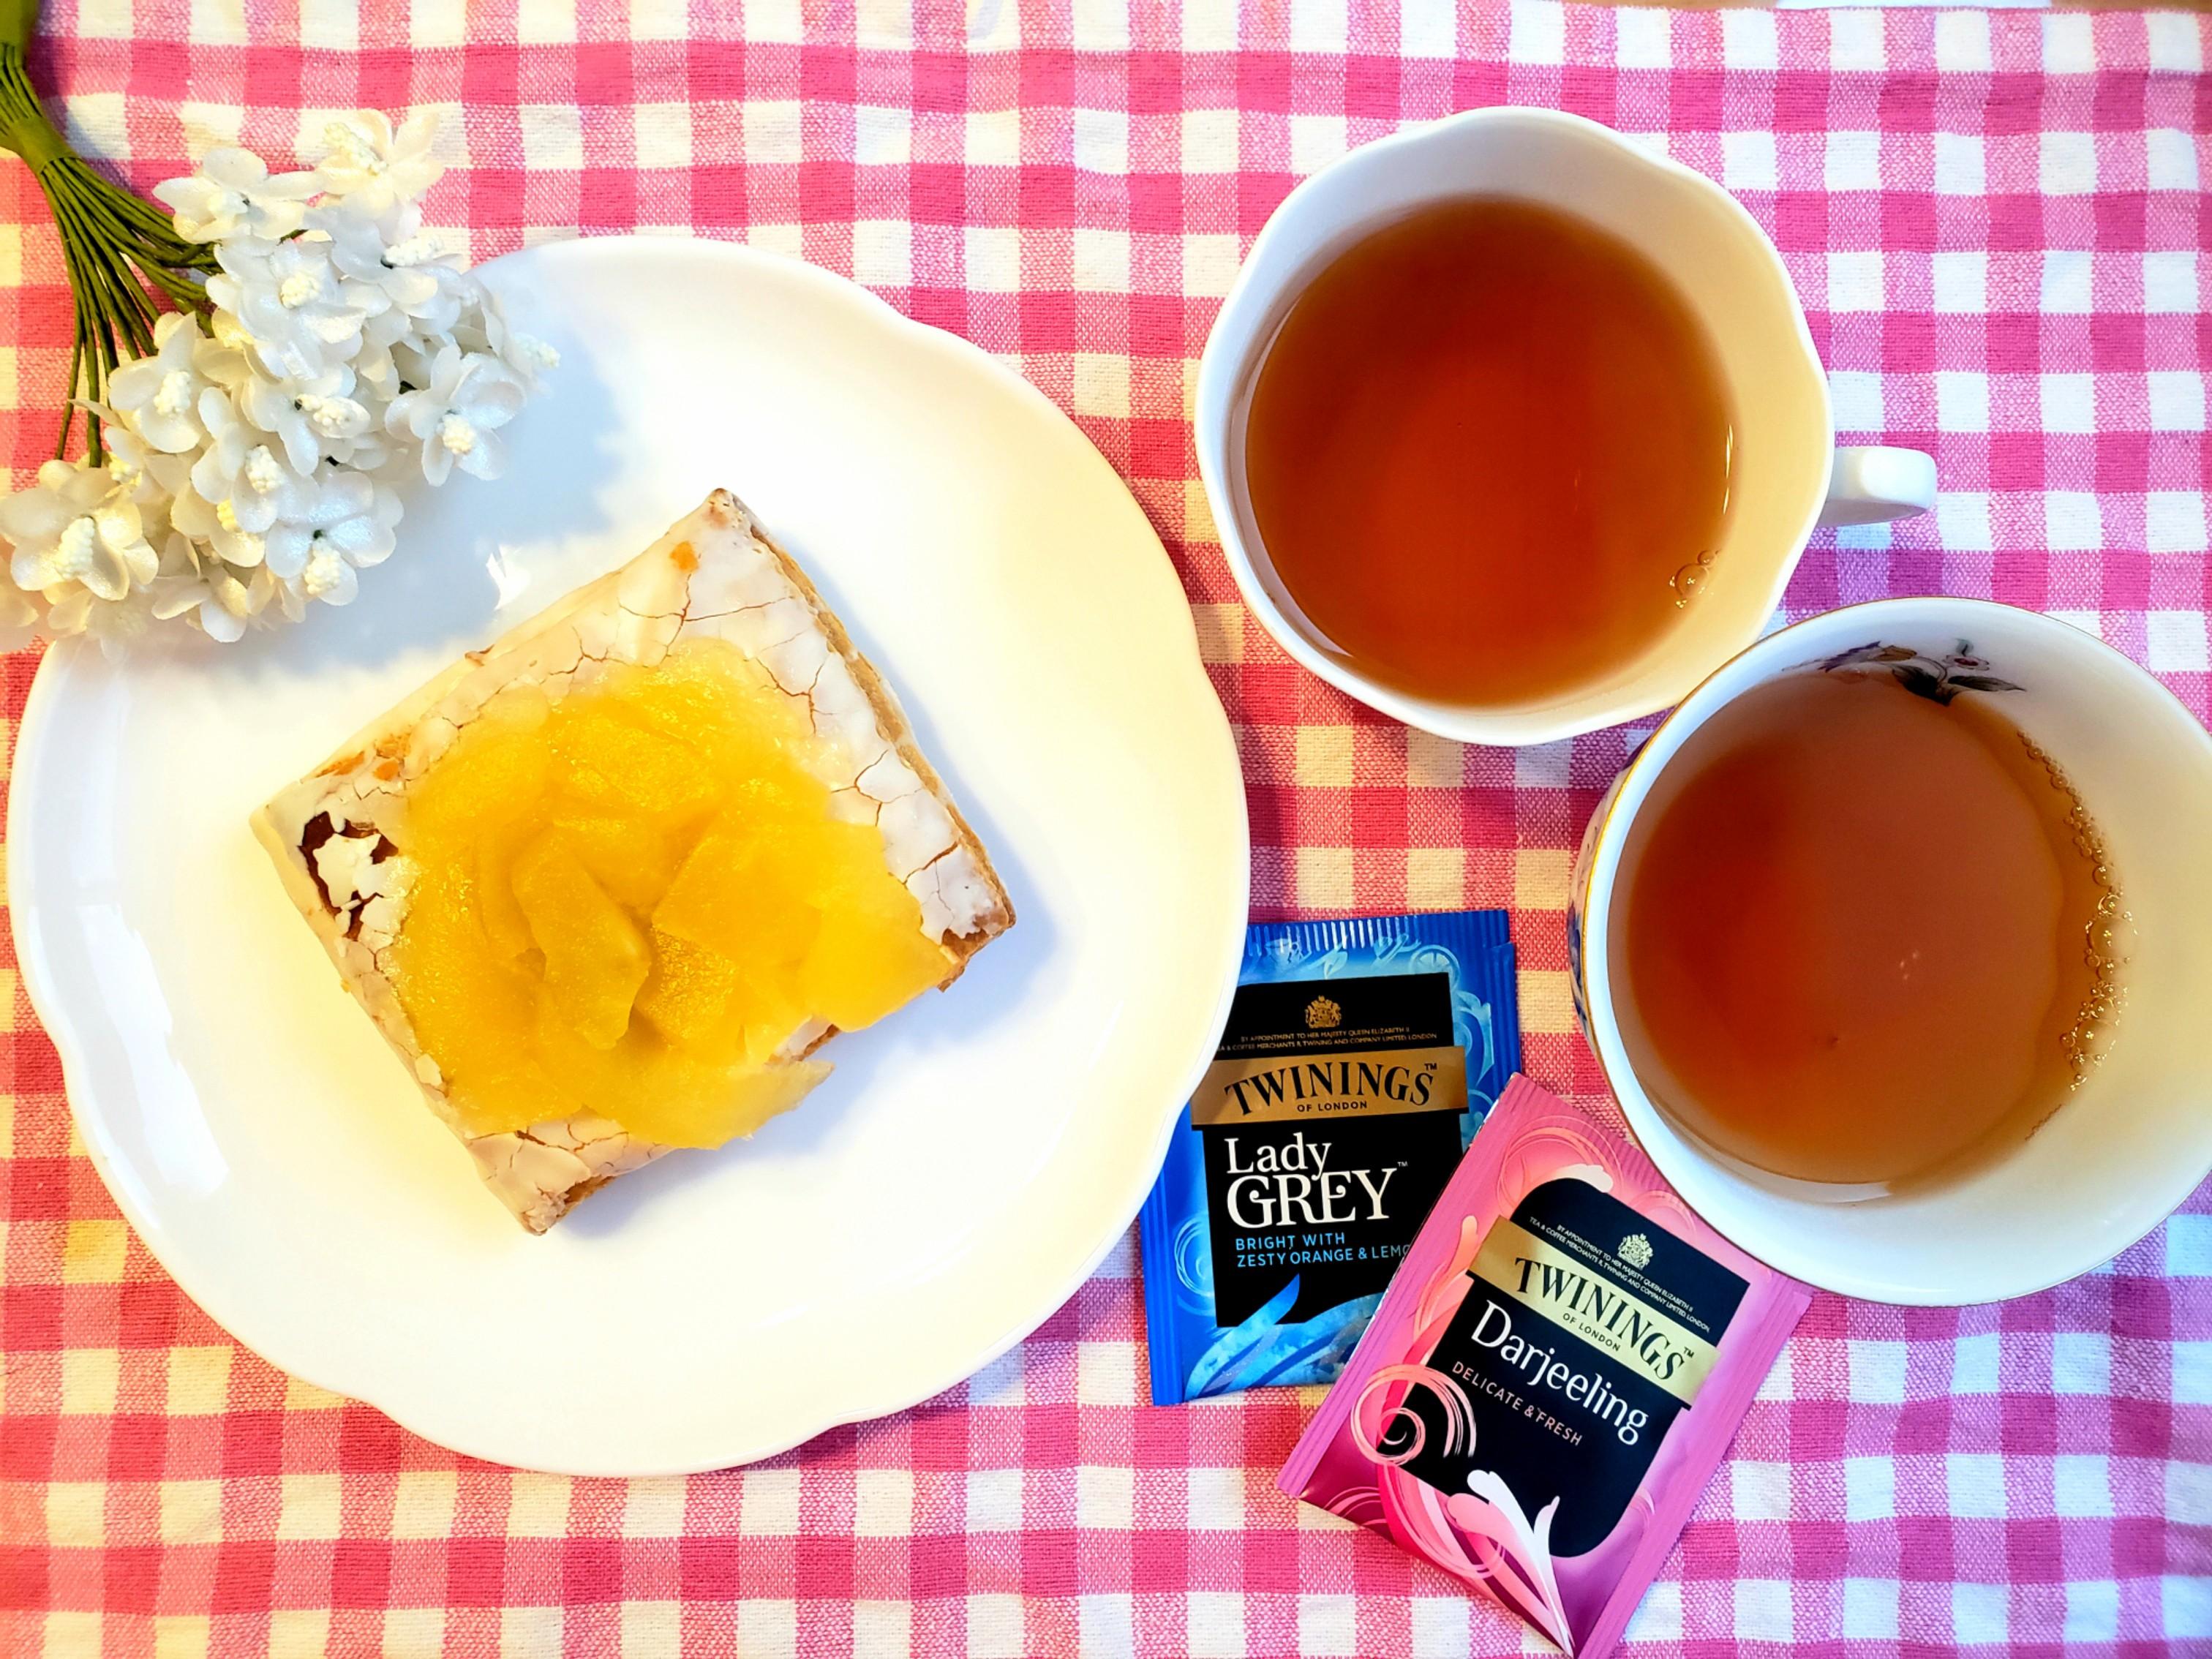 【ファミマ】の新作デザートとTWININGS紅茶2種で《フードペアリングvol.2》☆_1